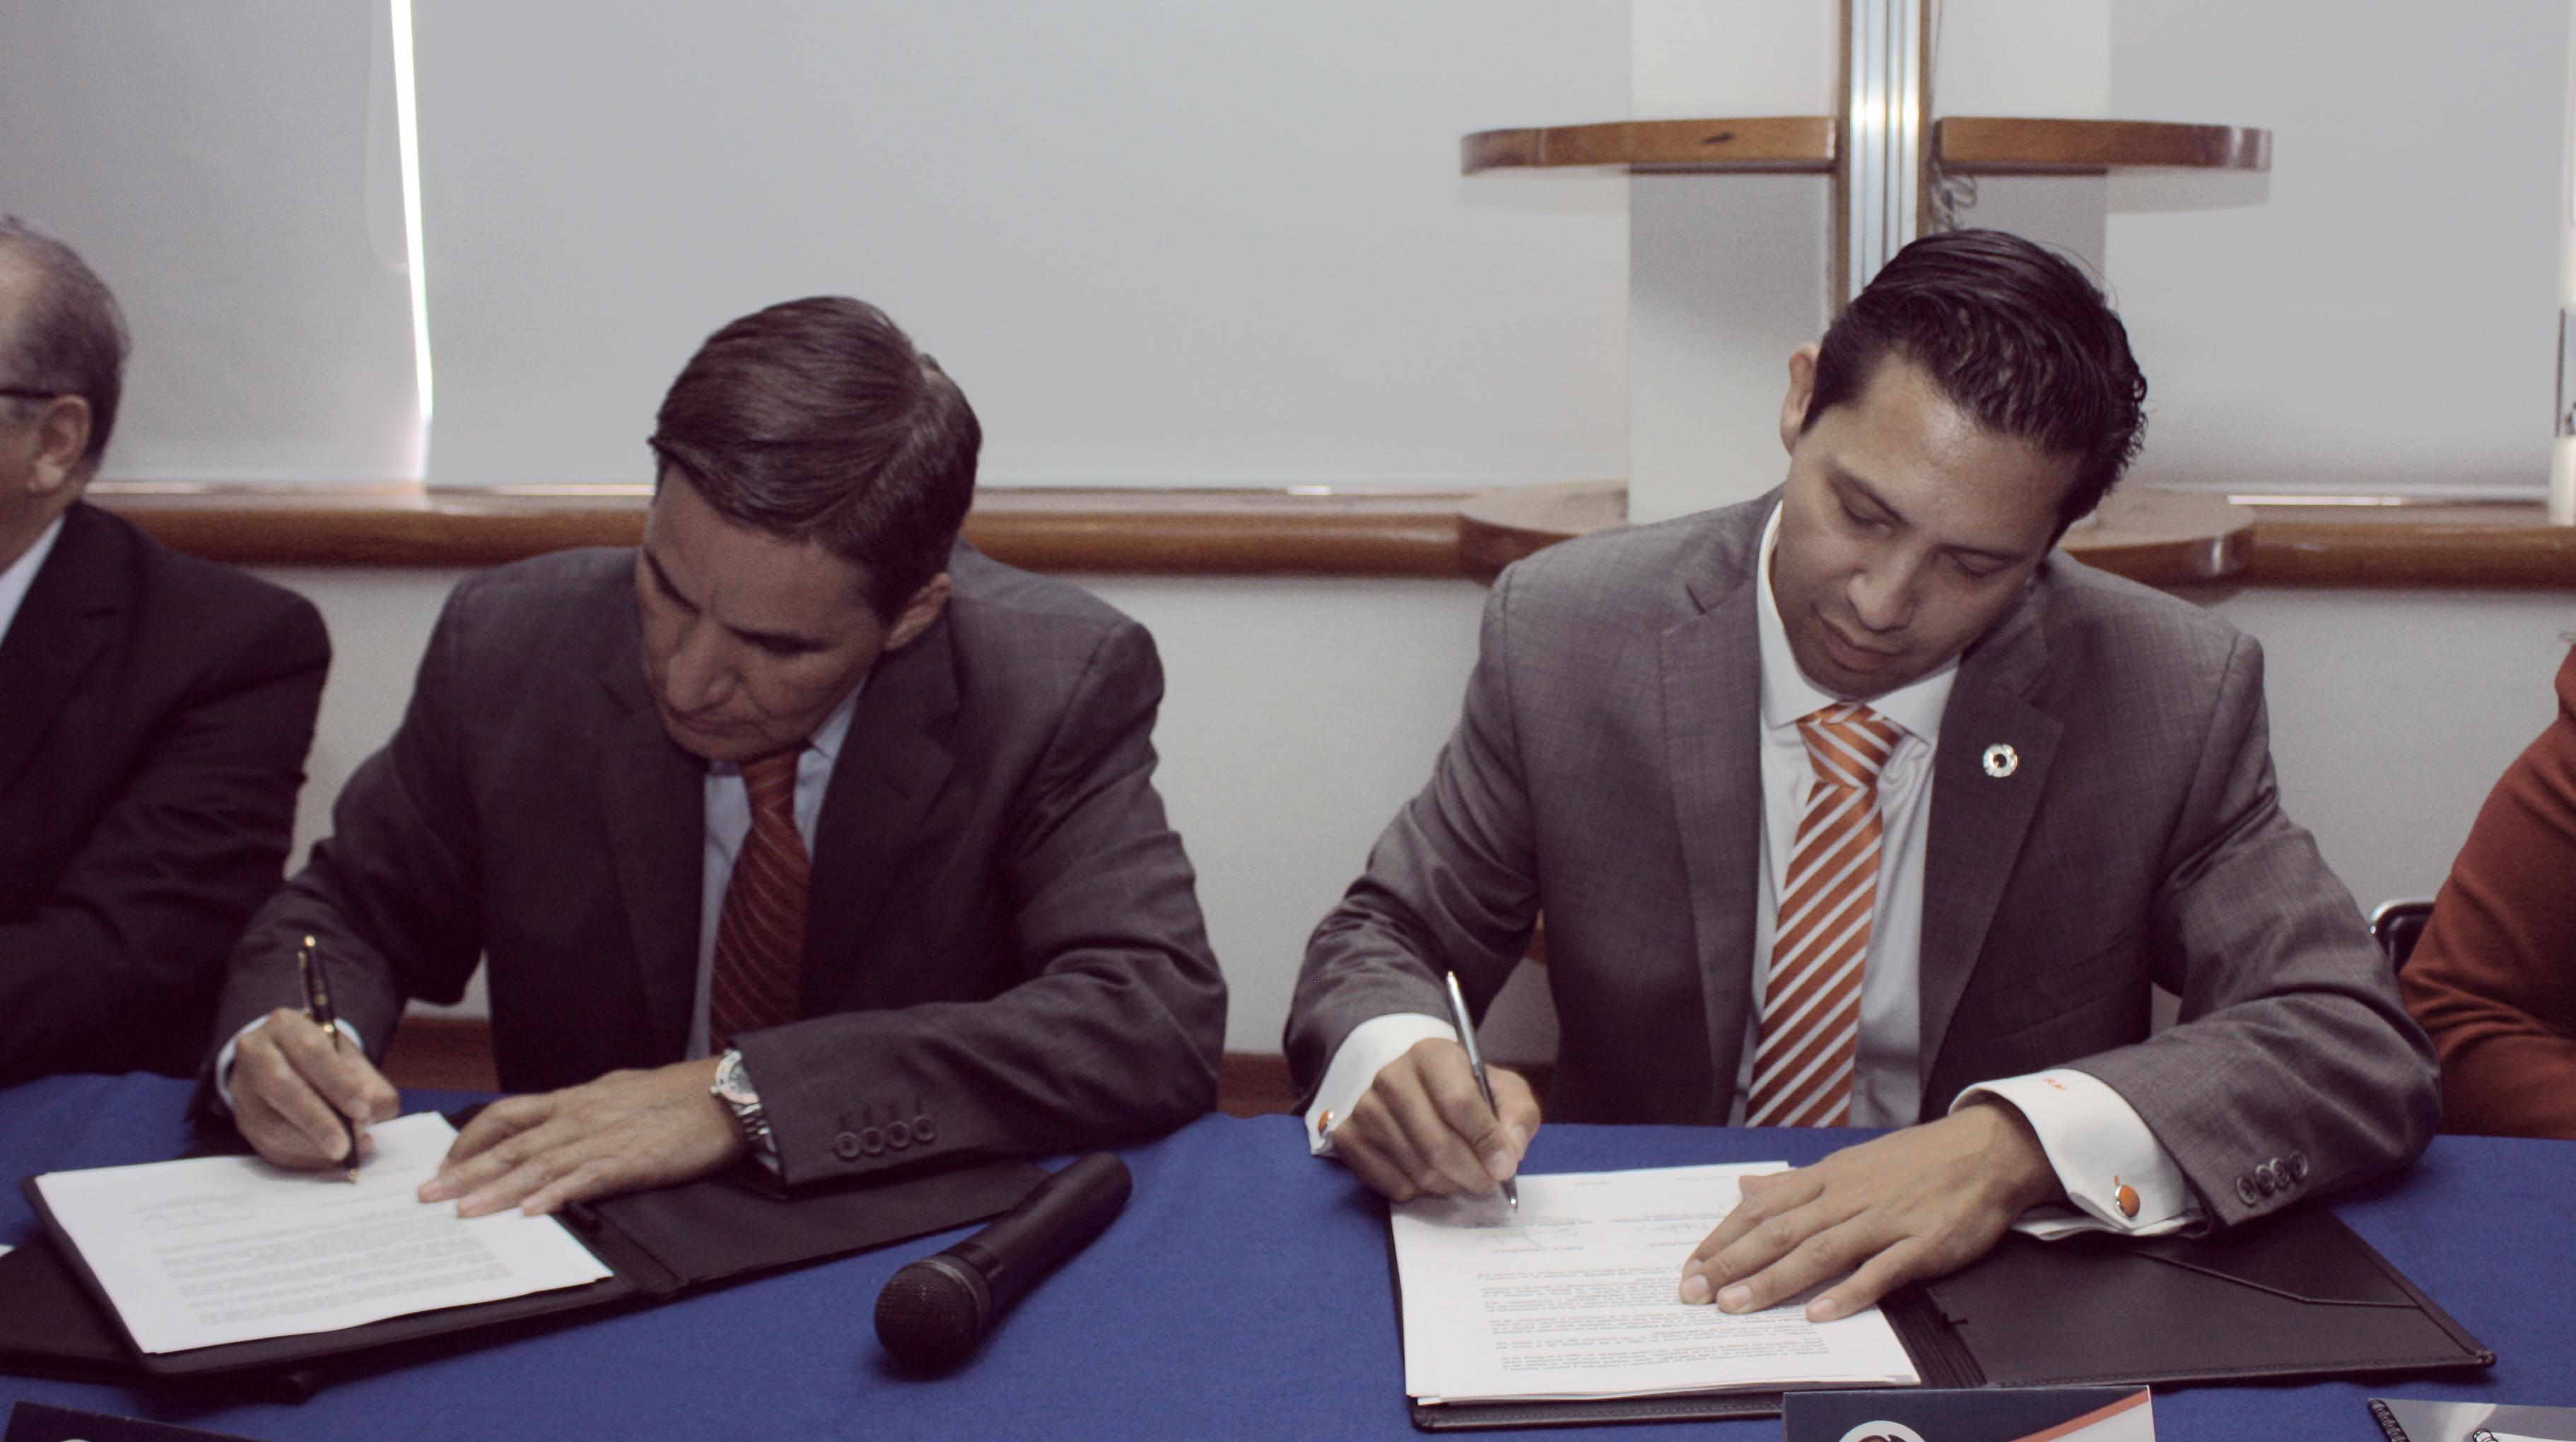 El Tecnológico Nacional de México (TecNM) y la Cámara Nacional de la Industria de Transformación (Canacintra) firmaron un convenio de colaboración, para impulsar una fuerte vinculación entre ambas instituciones.